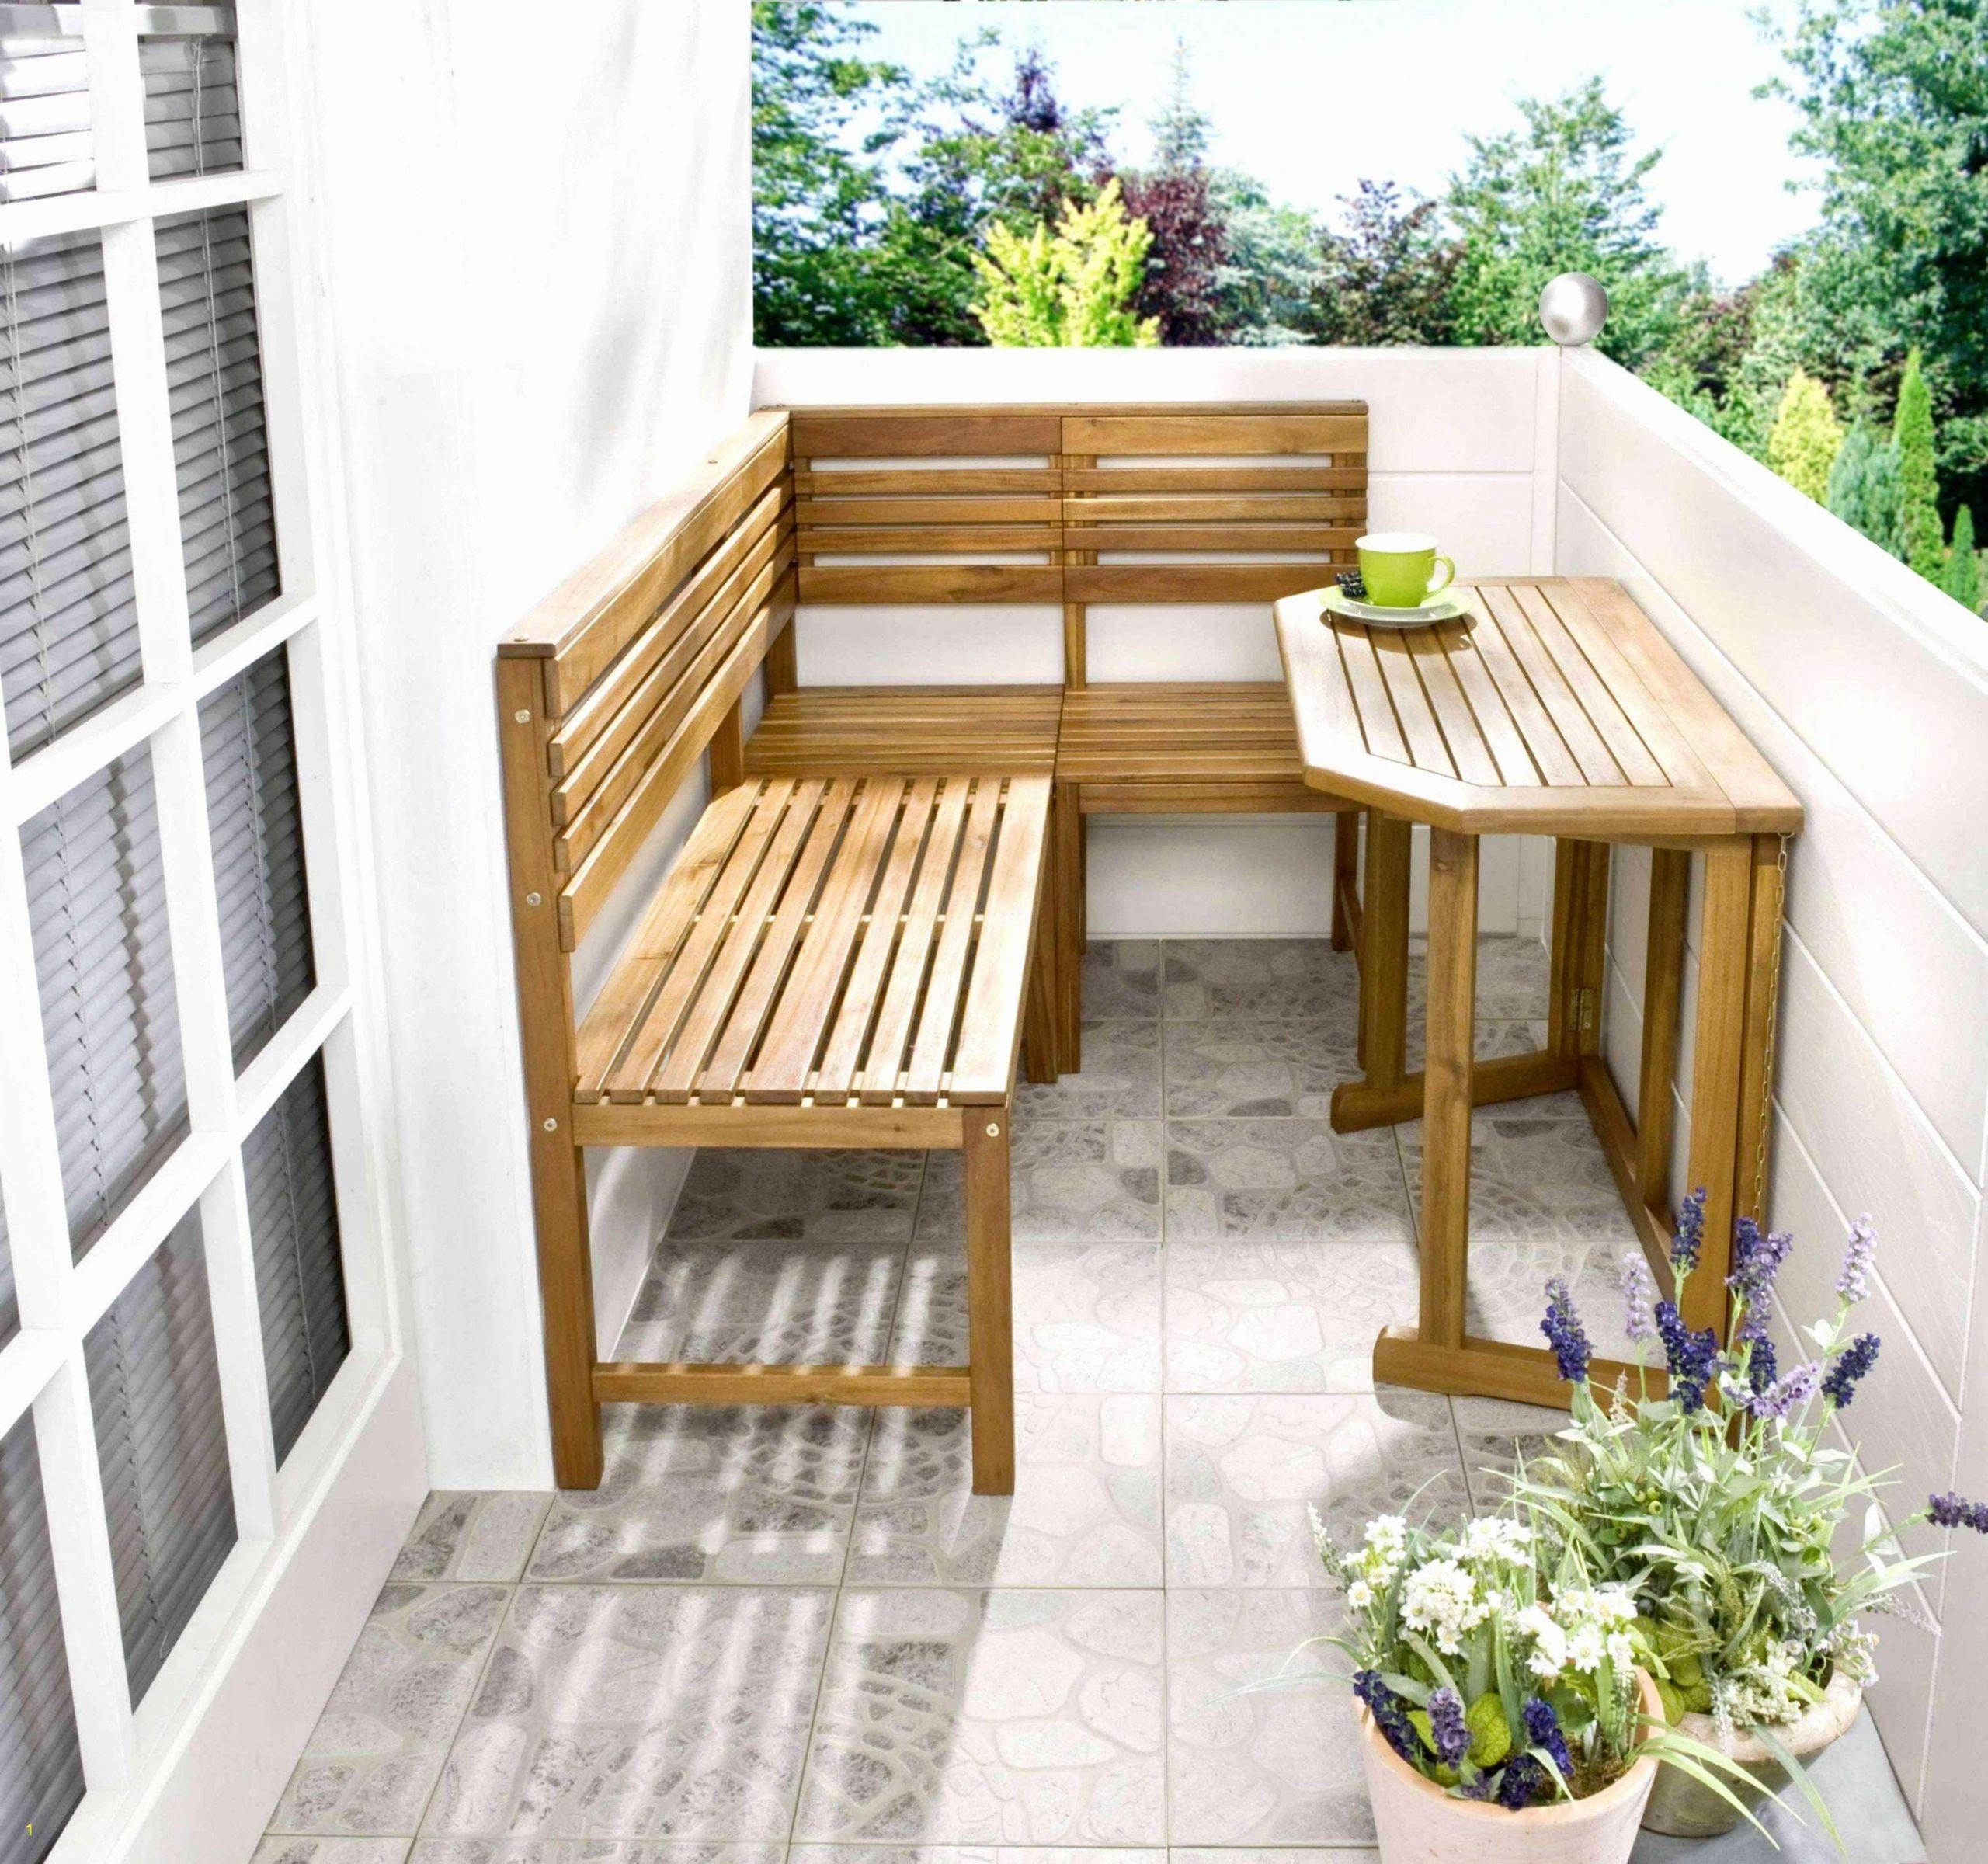 kleinen balkon bepflanzen schon kleinen balkon modern gestalten kleine balkone gestalten kleine balkone gestalten